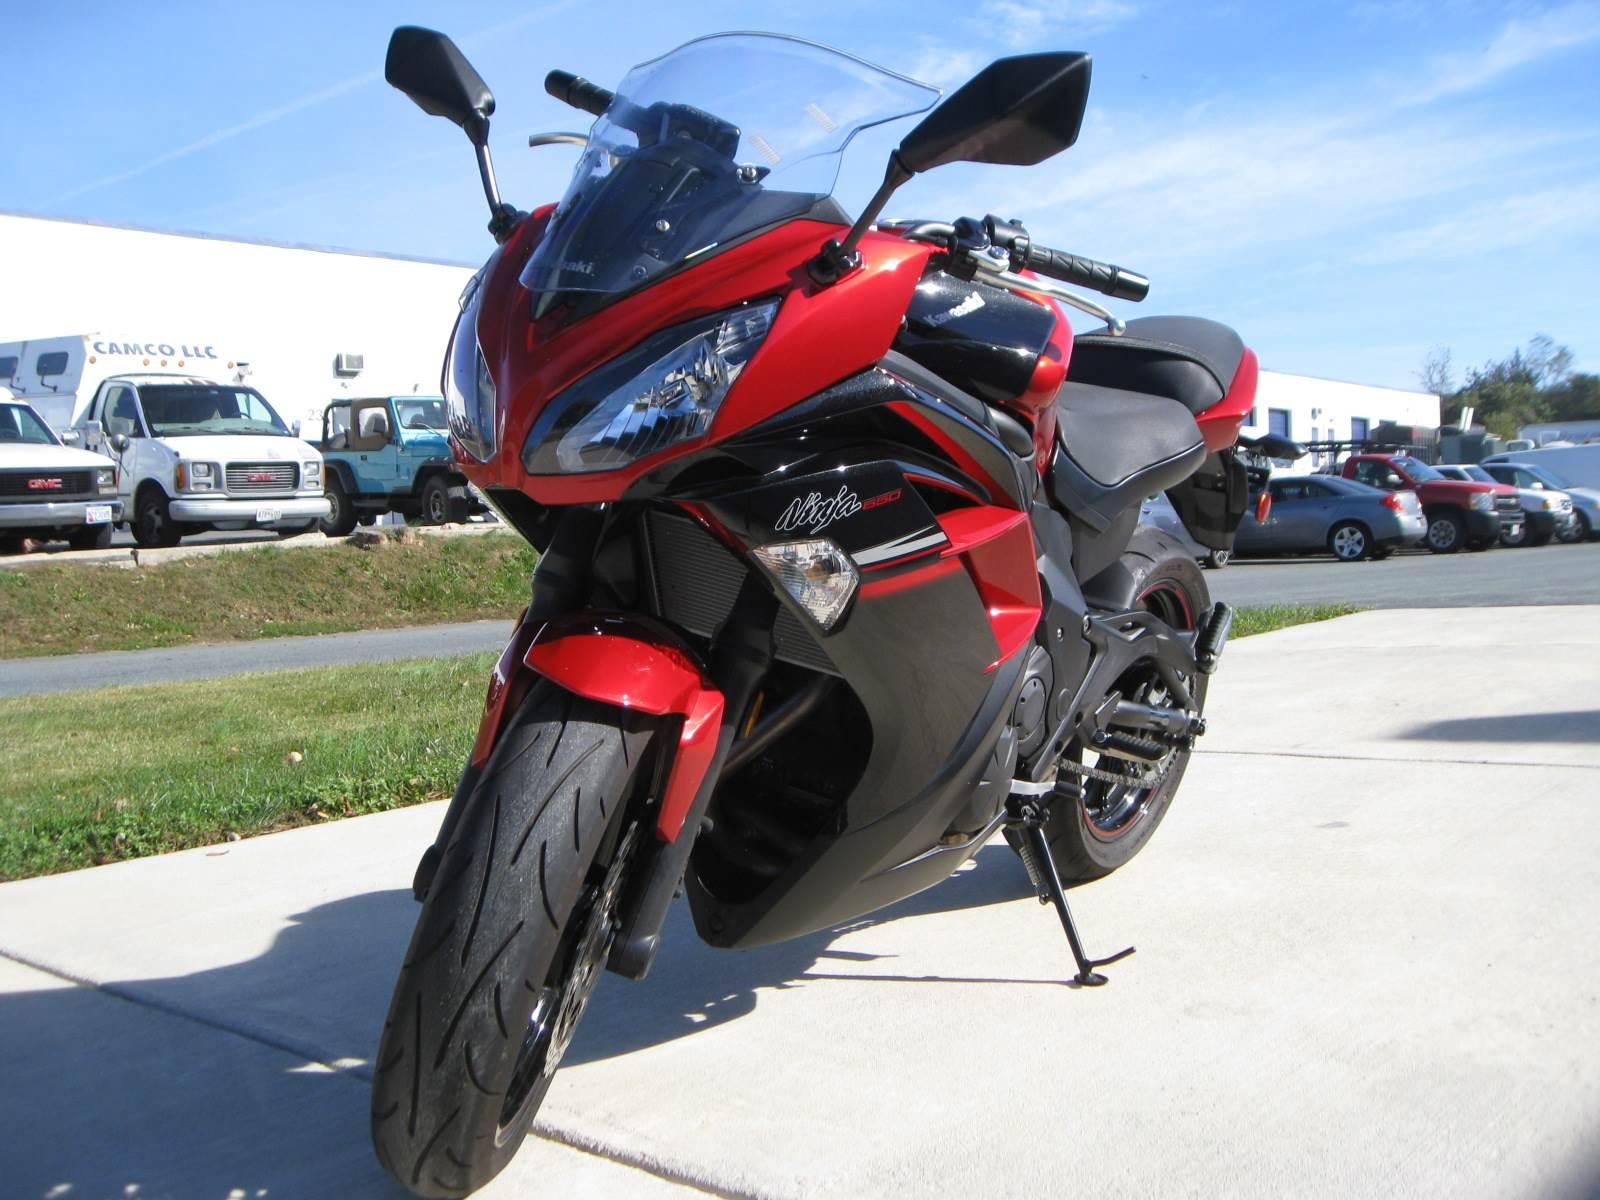 2016 Kawasaki Ninja 650 in Gaithersburg, Maryland